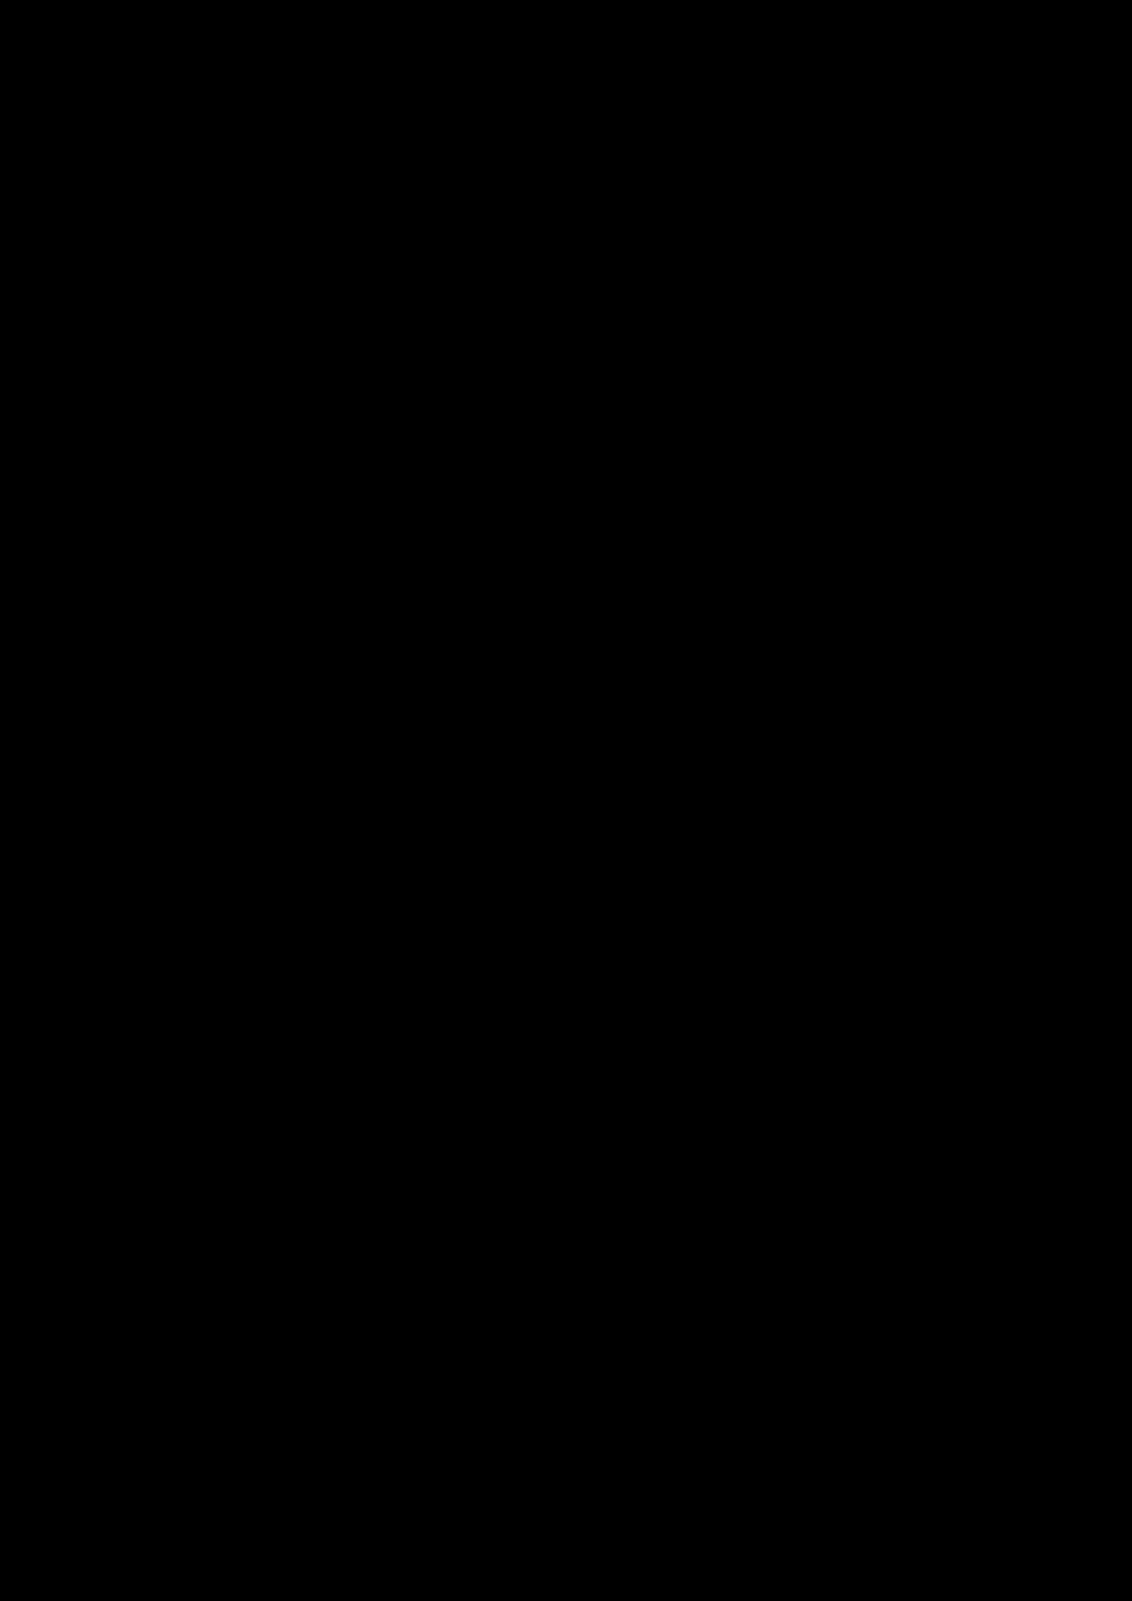 Zagadka volshebnoy stranyi slide, Image 97